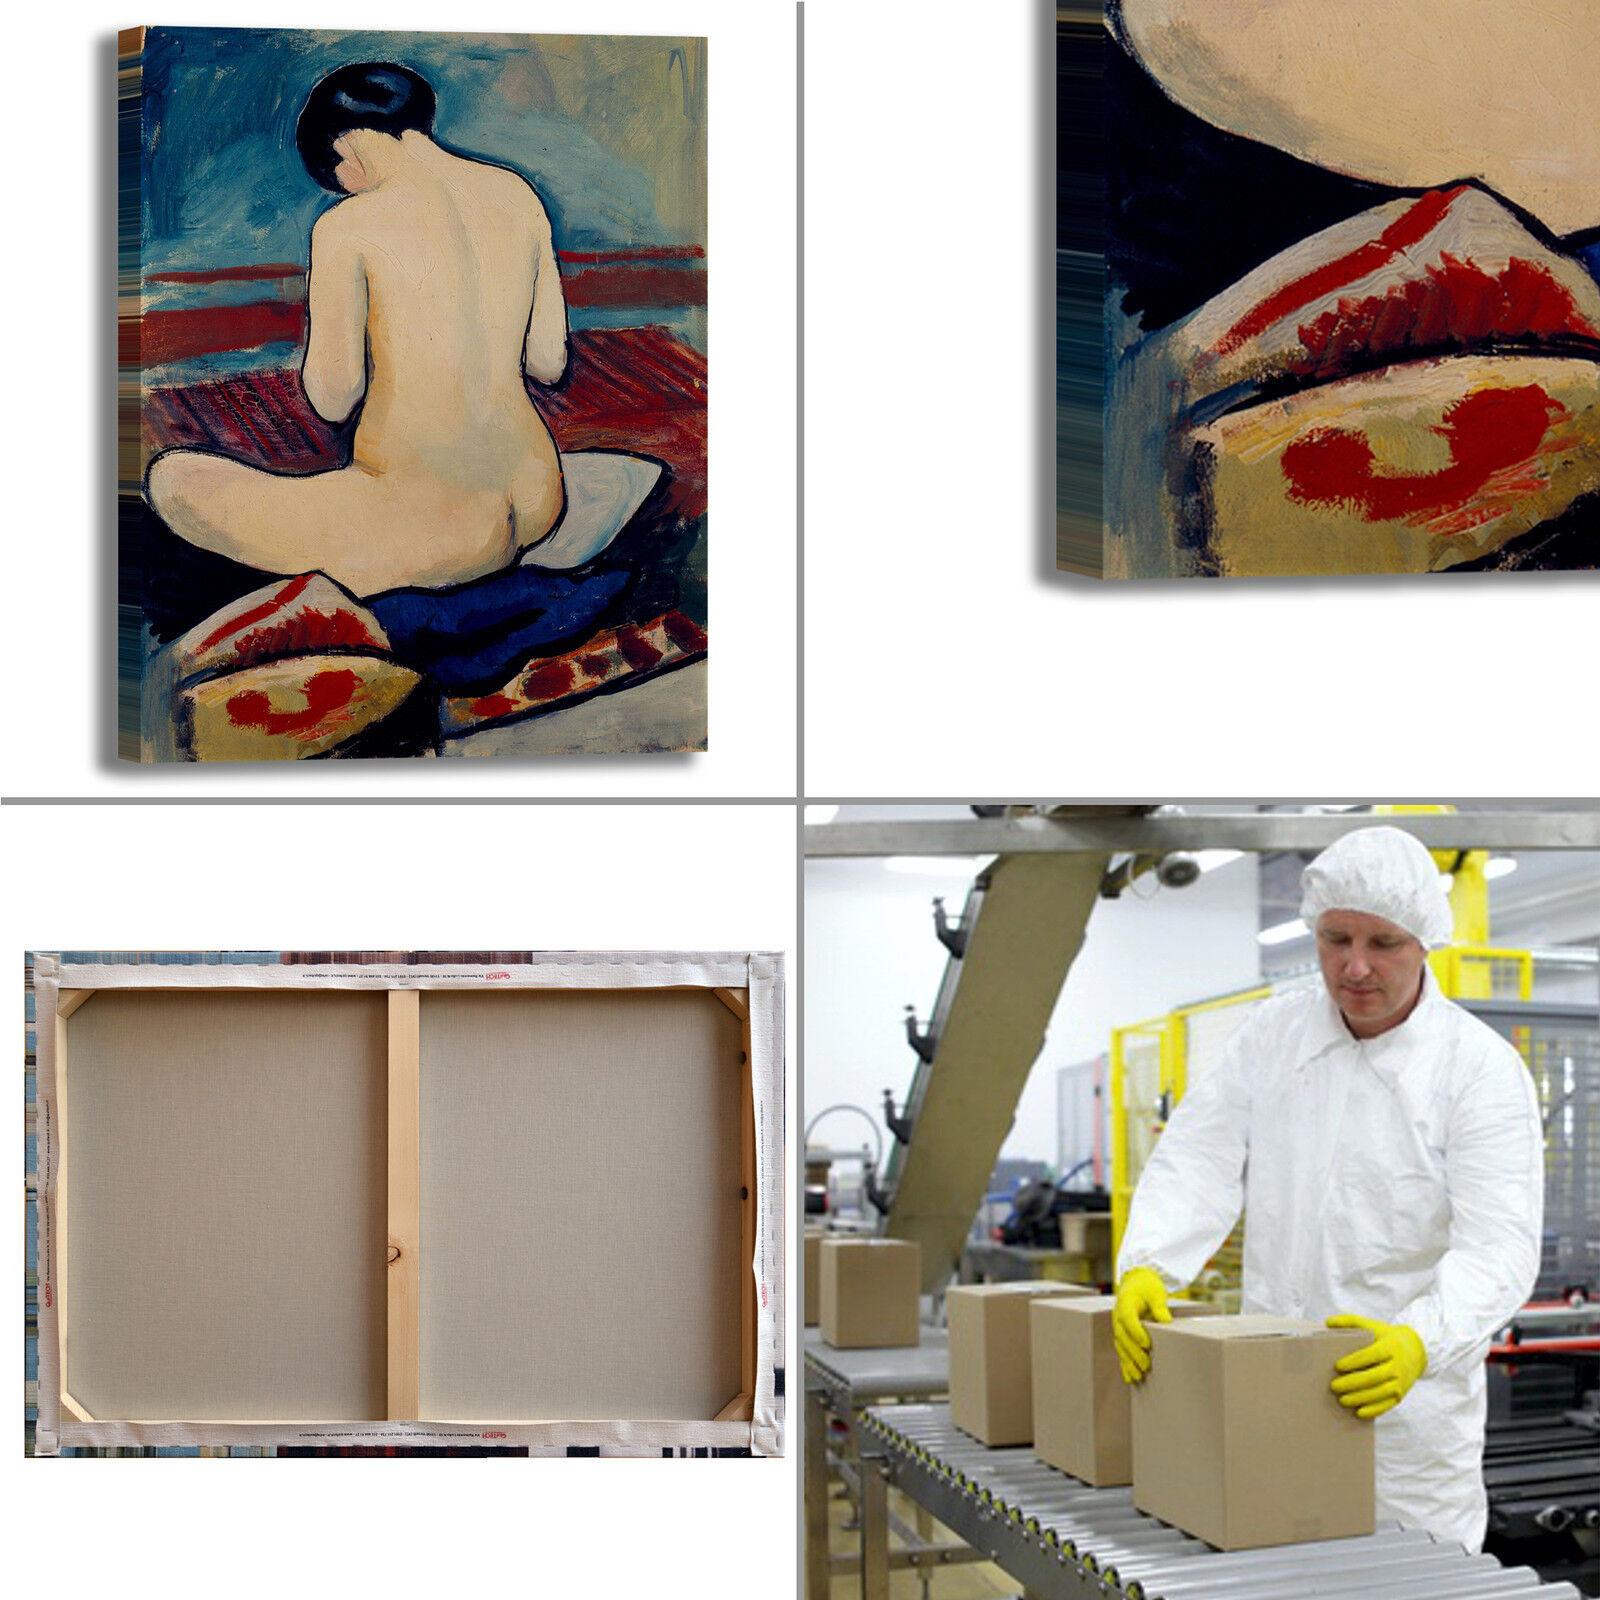 Macke seduto nudo con cuscino quadro stampa tela dipinto dipinto dipinto telaio arRouge o casa 7fa390